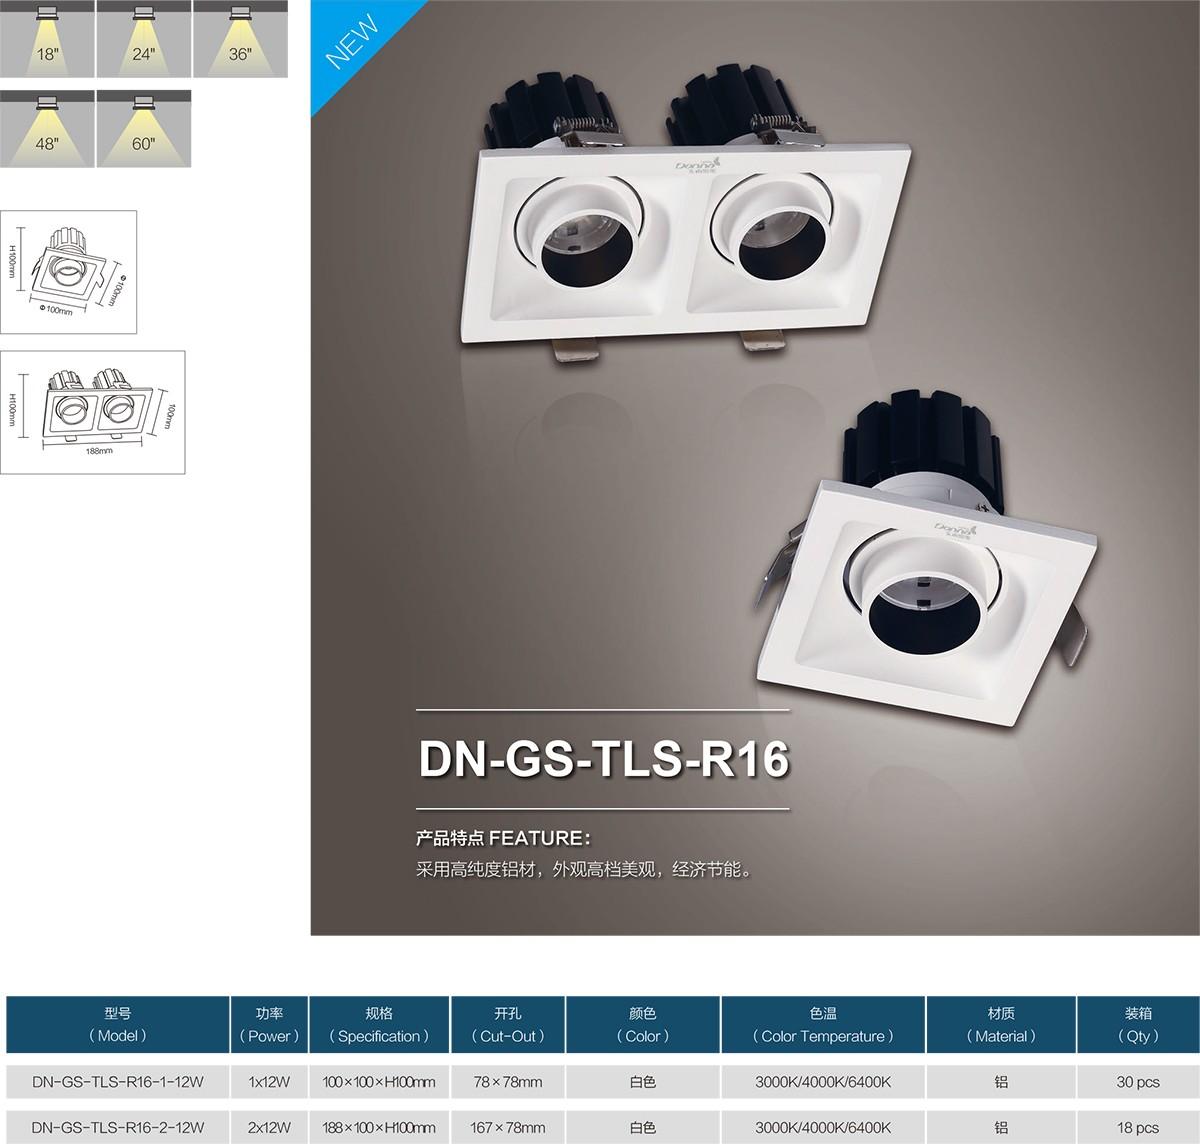 DN-GS-TLS-R16-0.jpg